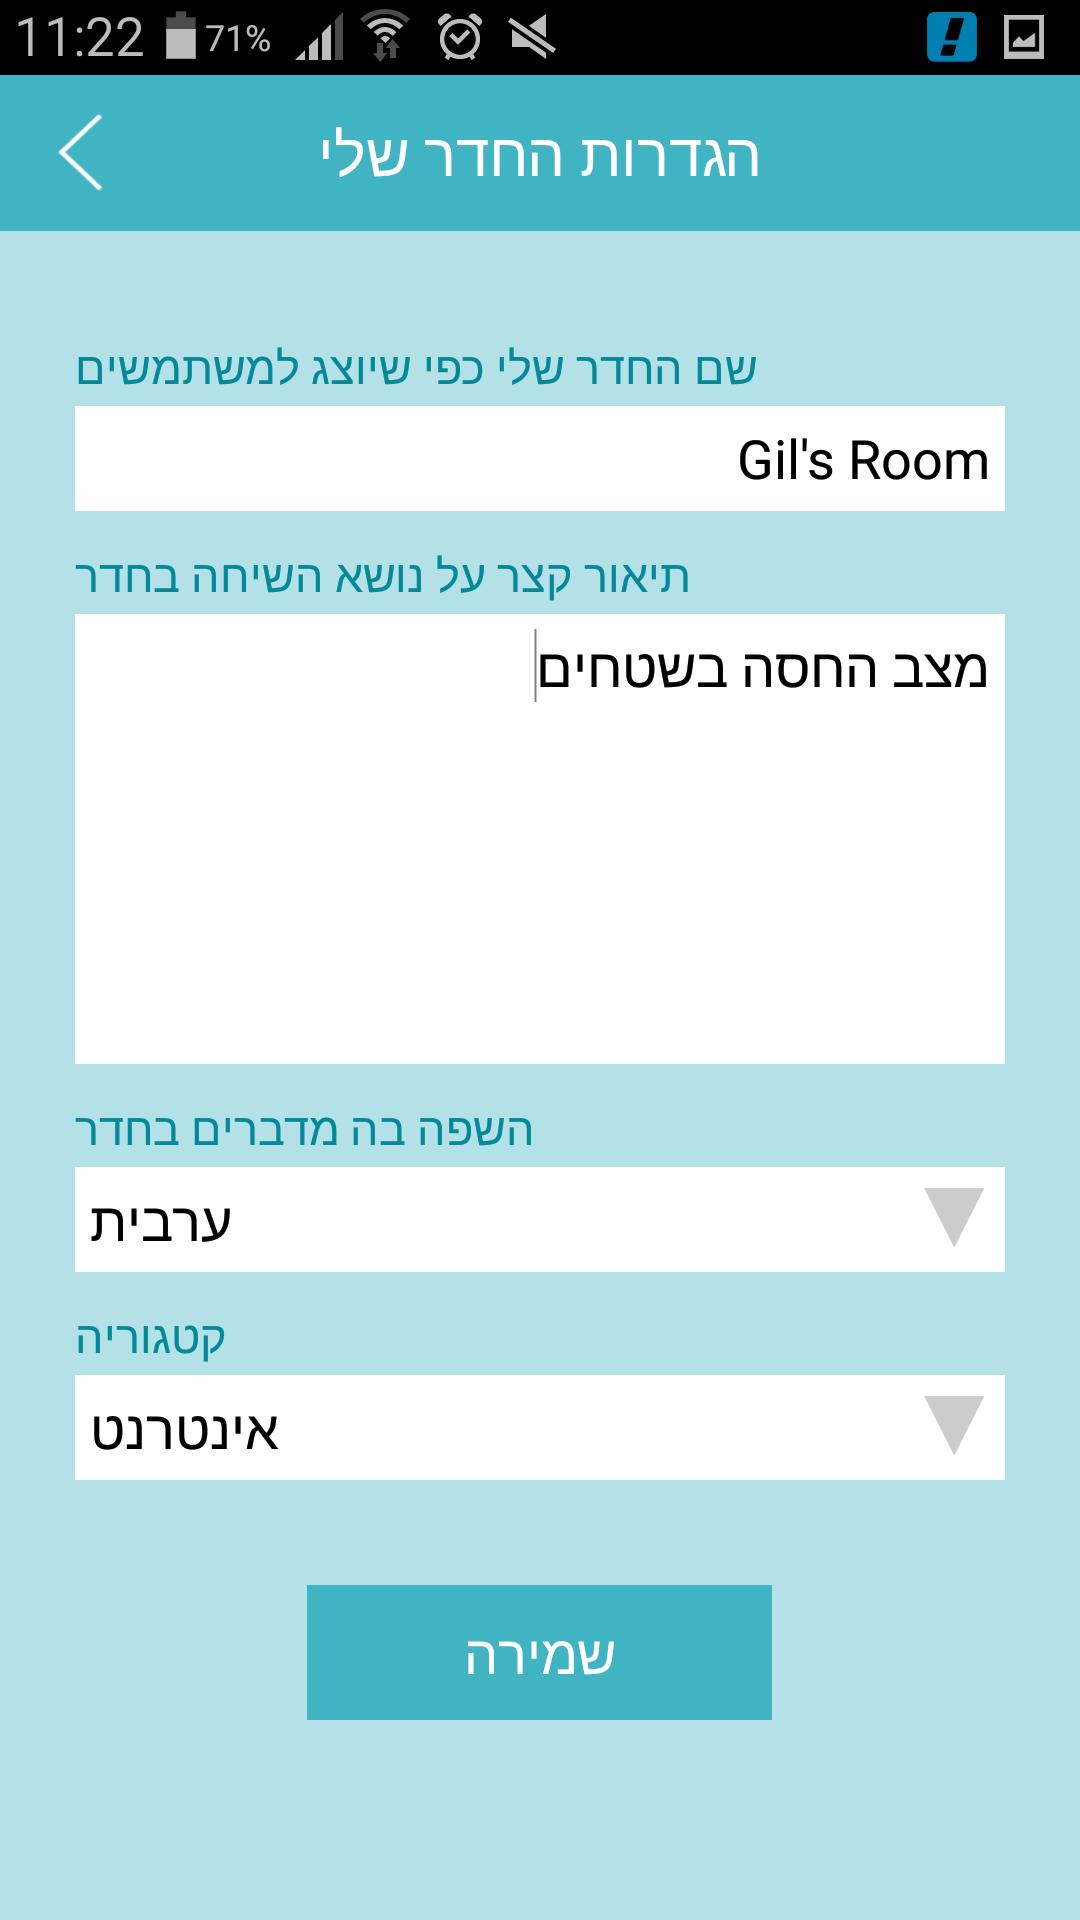 פיתוח אפליקציית מסרים